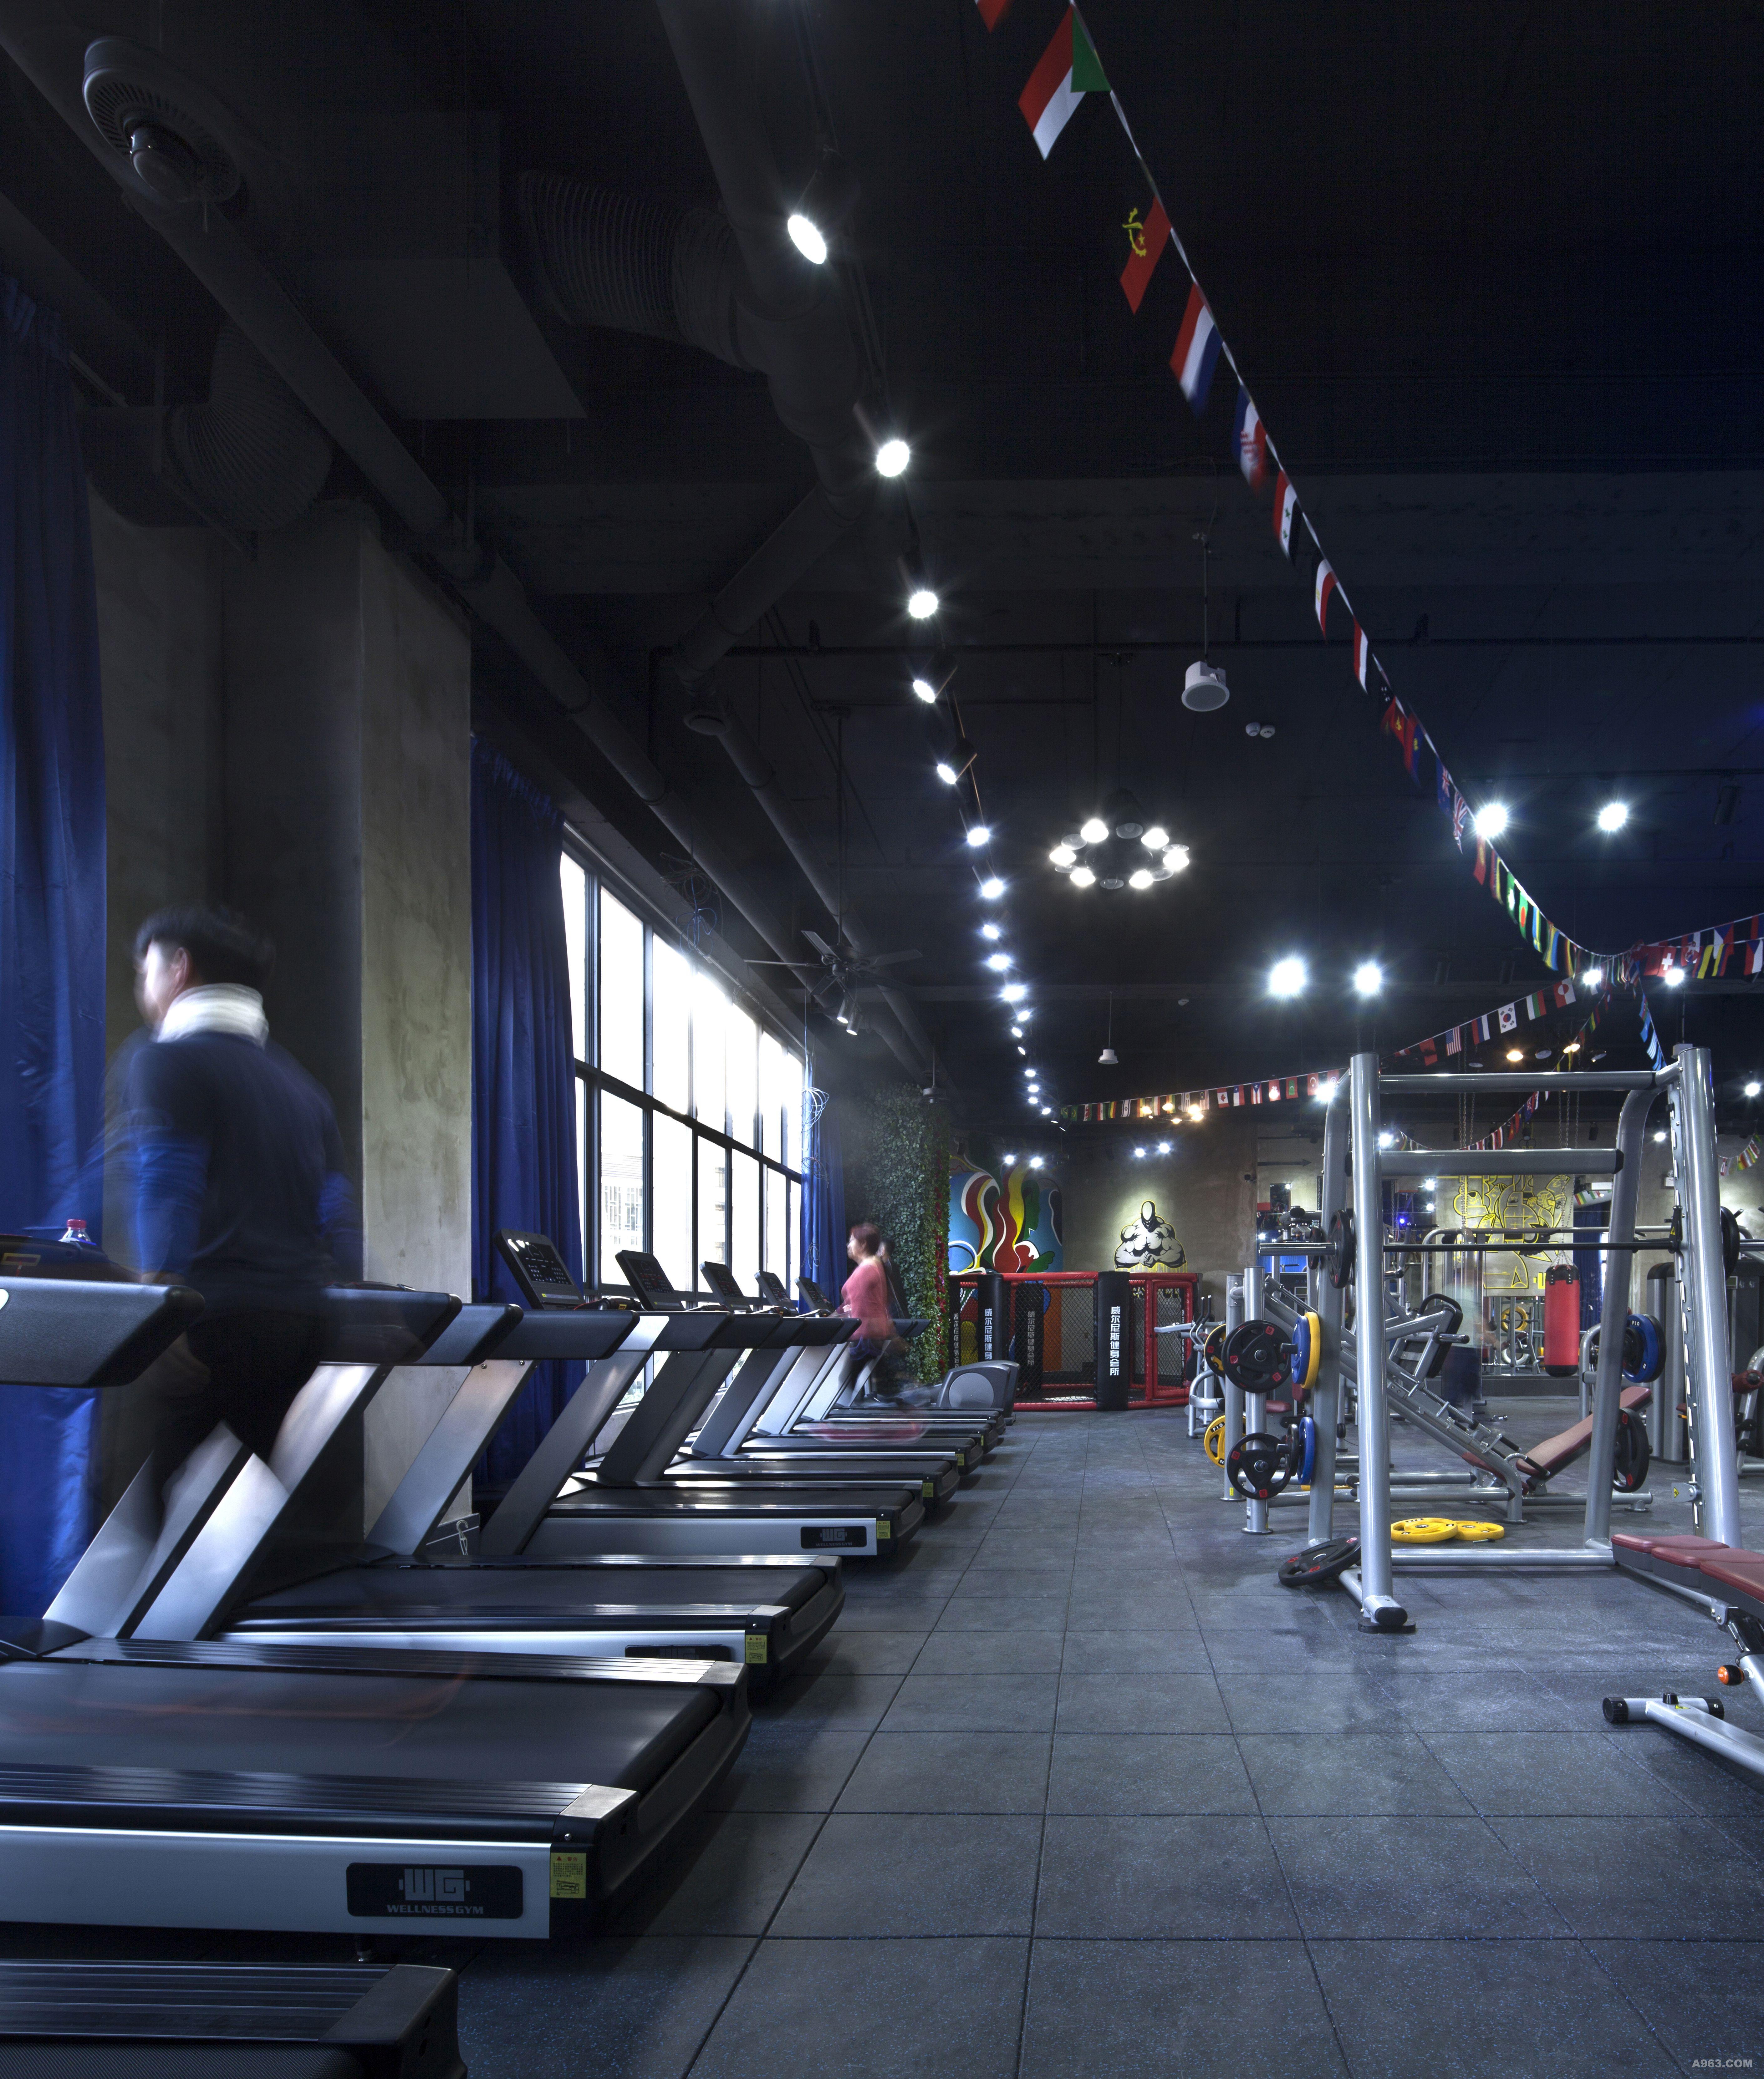 跑步机区:面对窗户秀丽风景,运动更有激情。